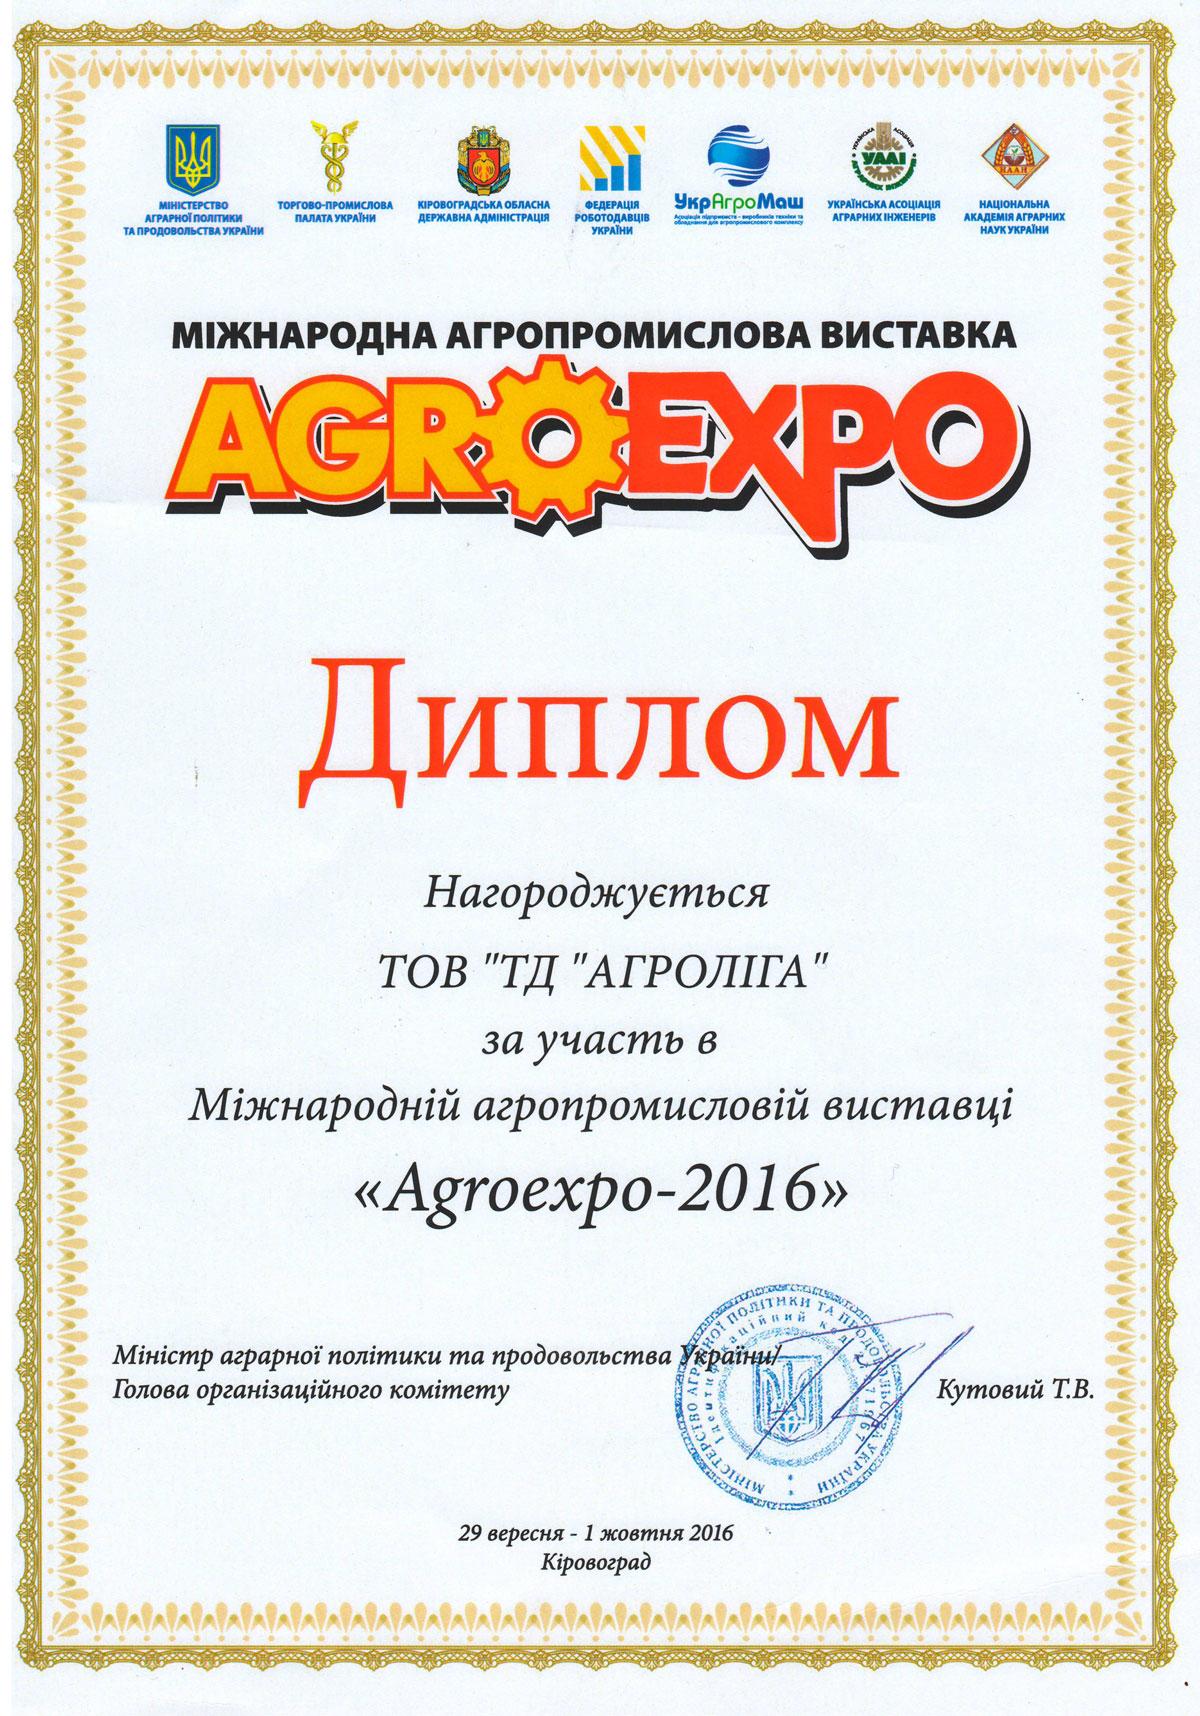 Участник Agroexpo 2016